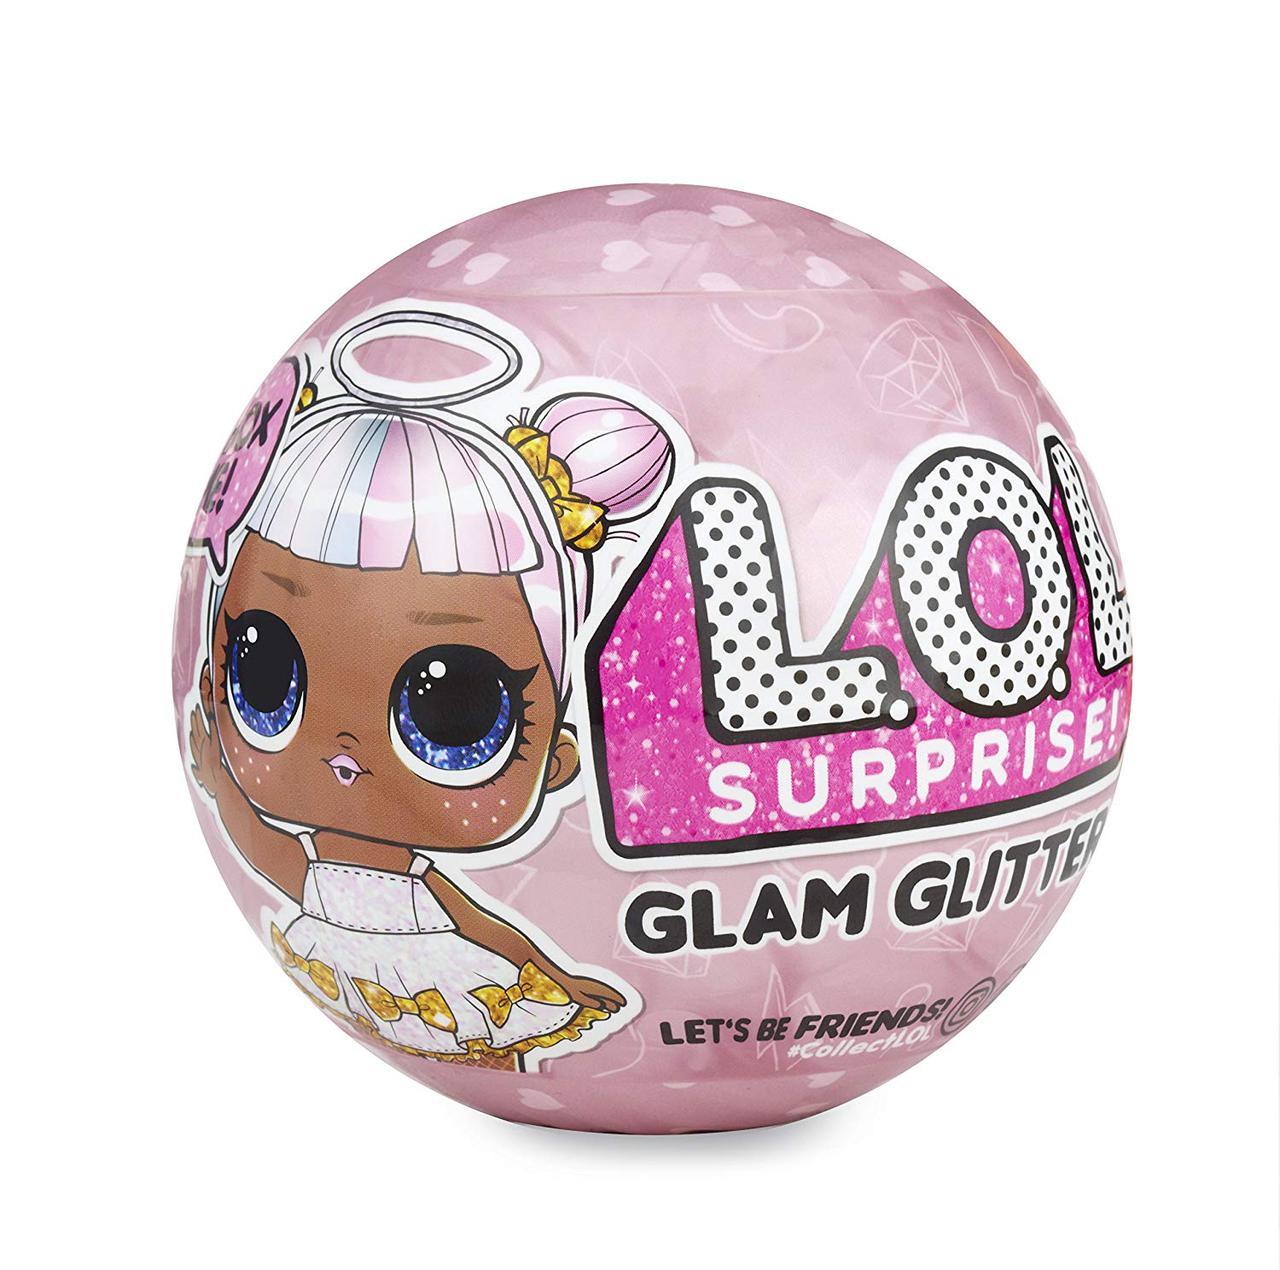 Кукла LOL Glam Glitter Decoder Series 2 серия ЛОЛ Оригинал Блестящий Шарик-сюрприз Гламурный блеск